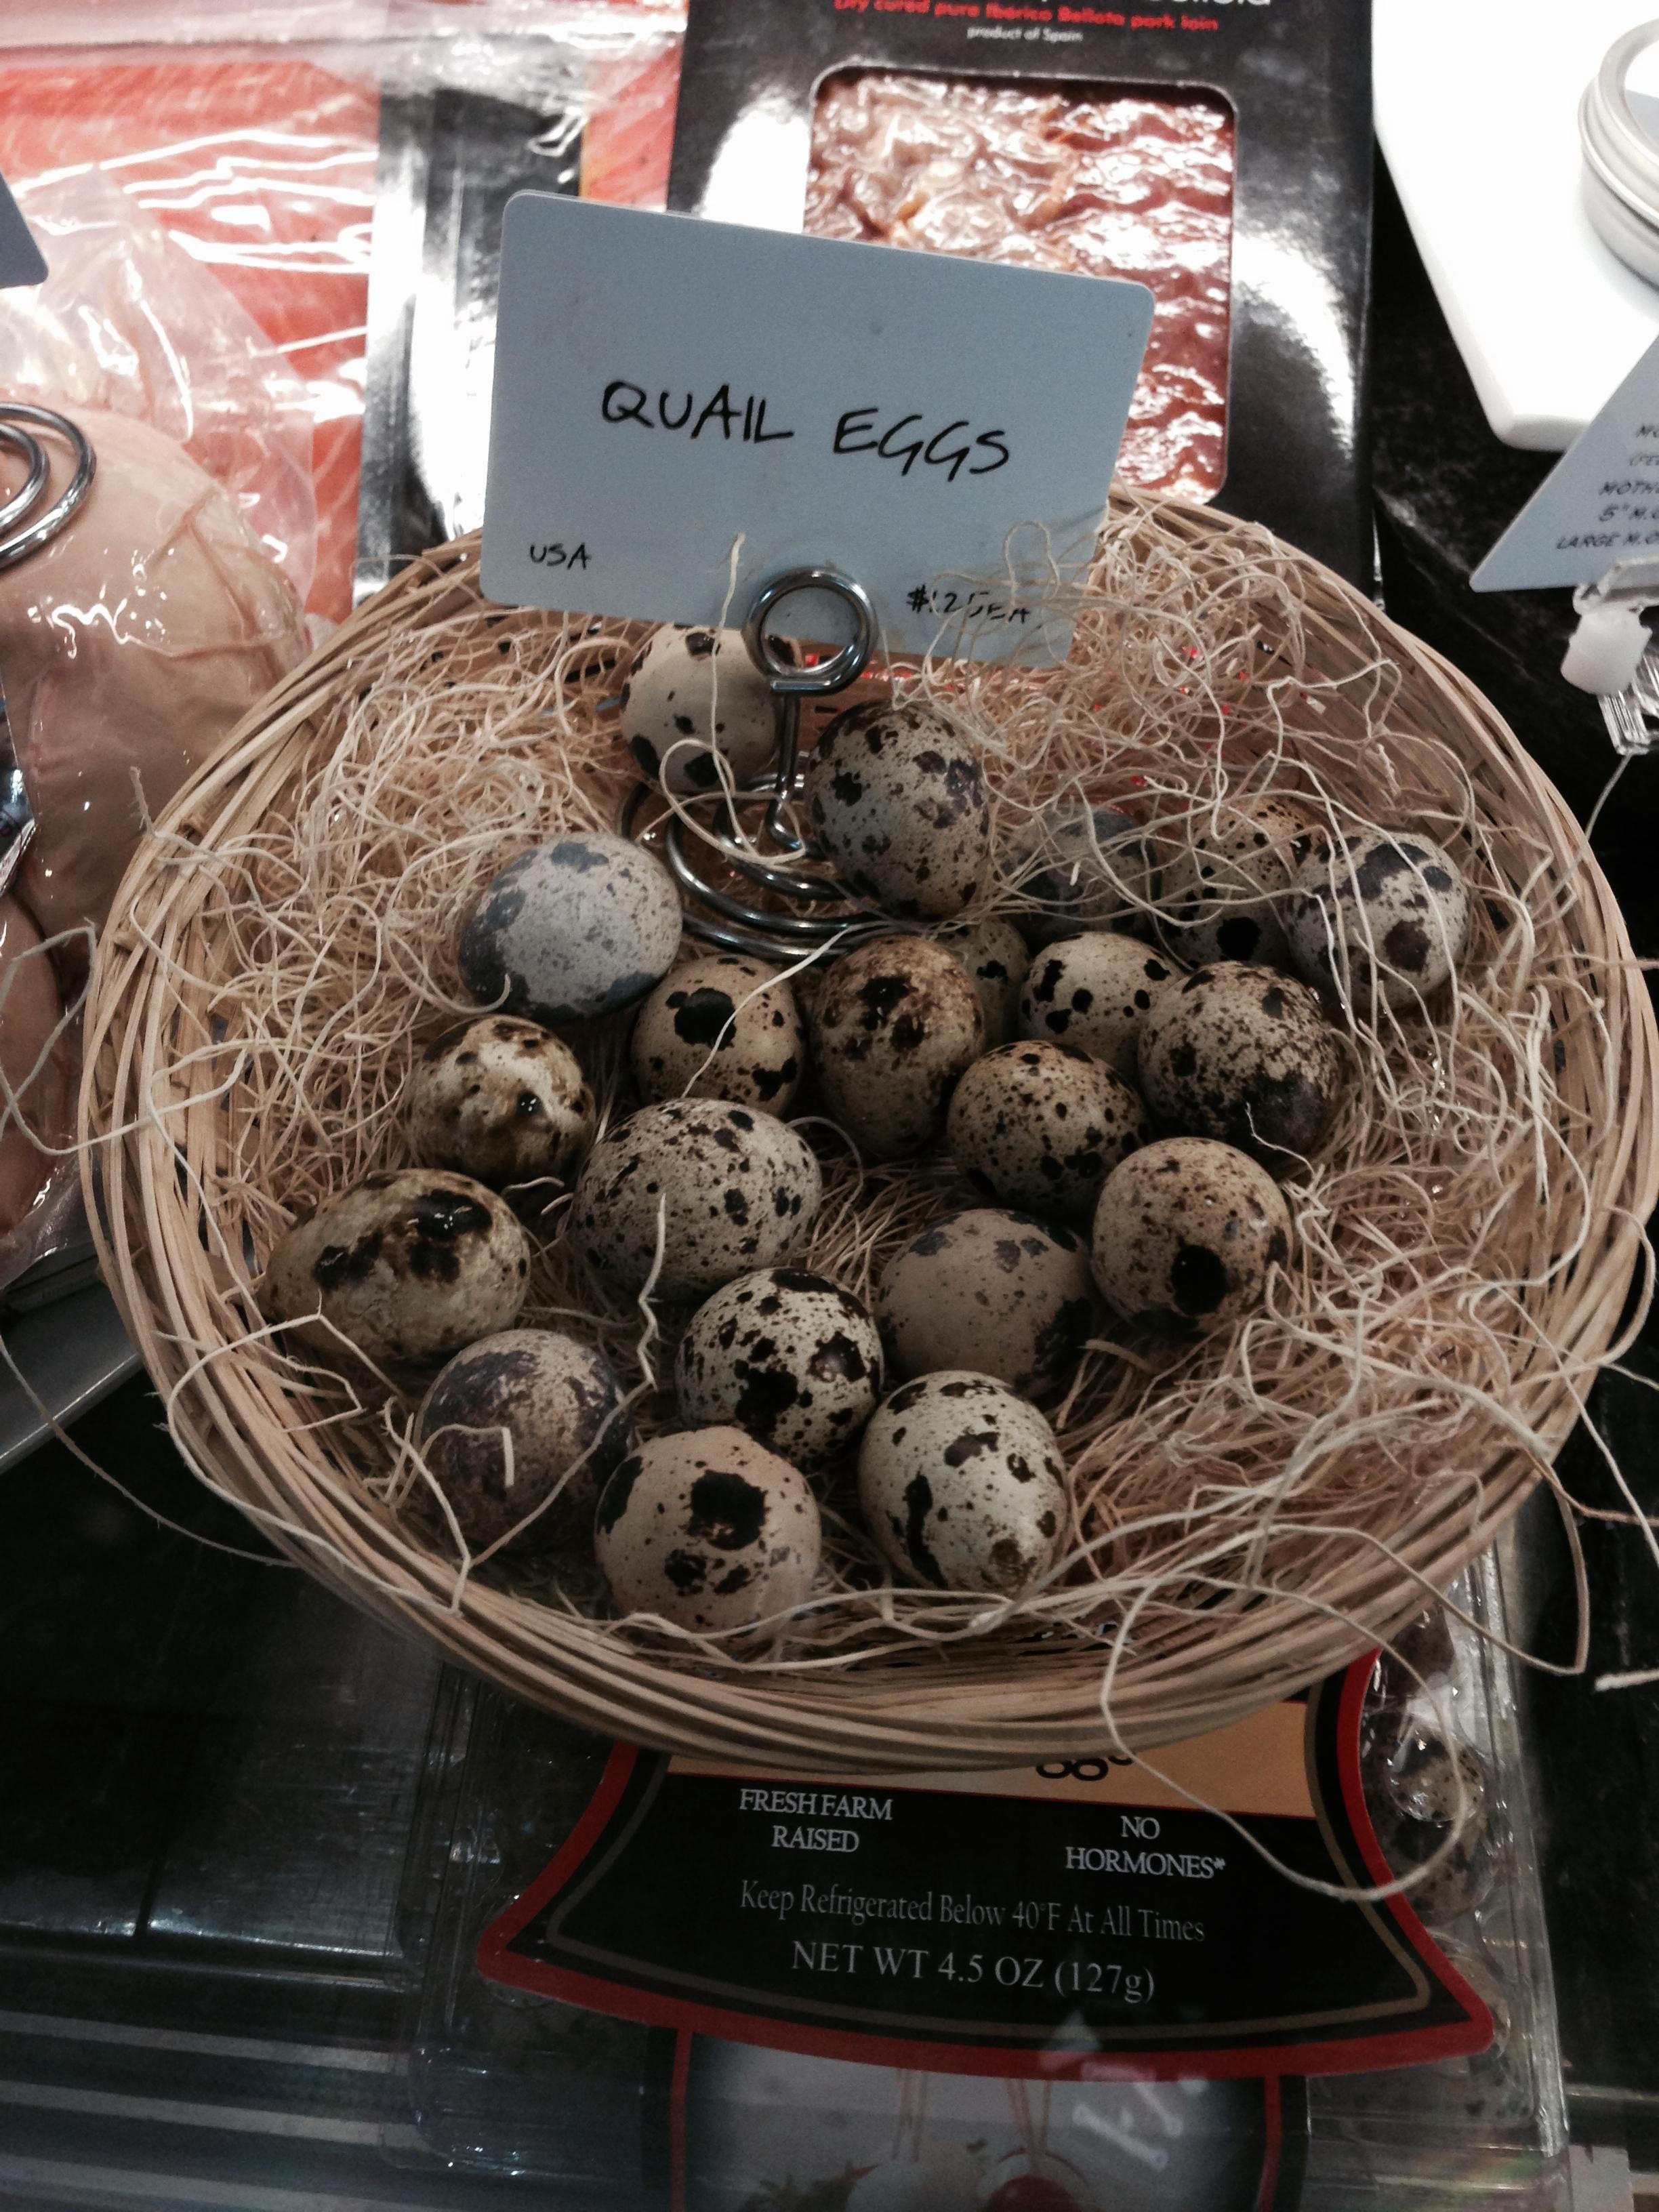 Quails eggs?